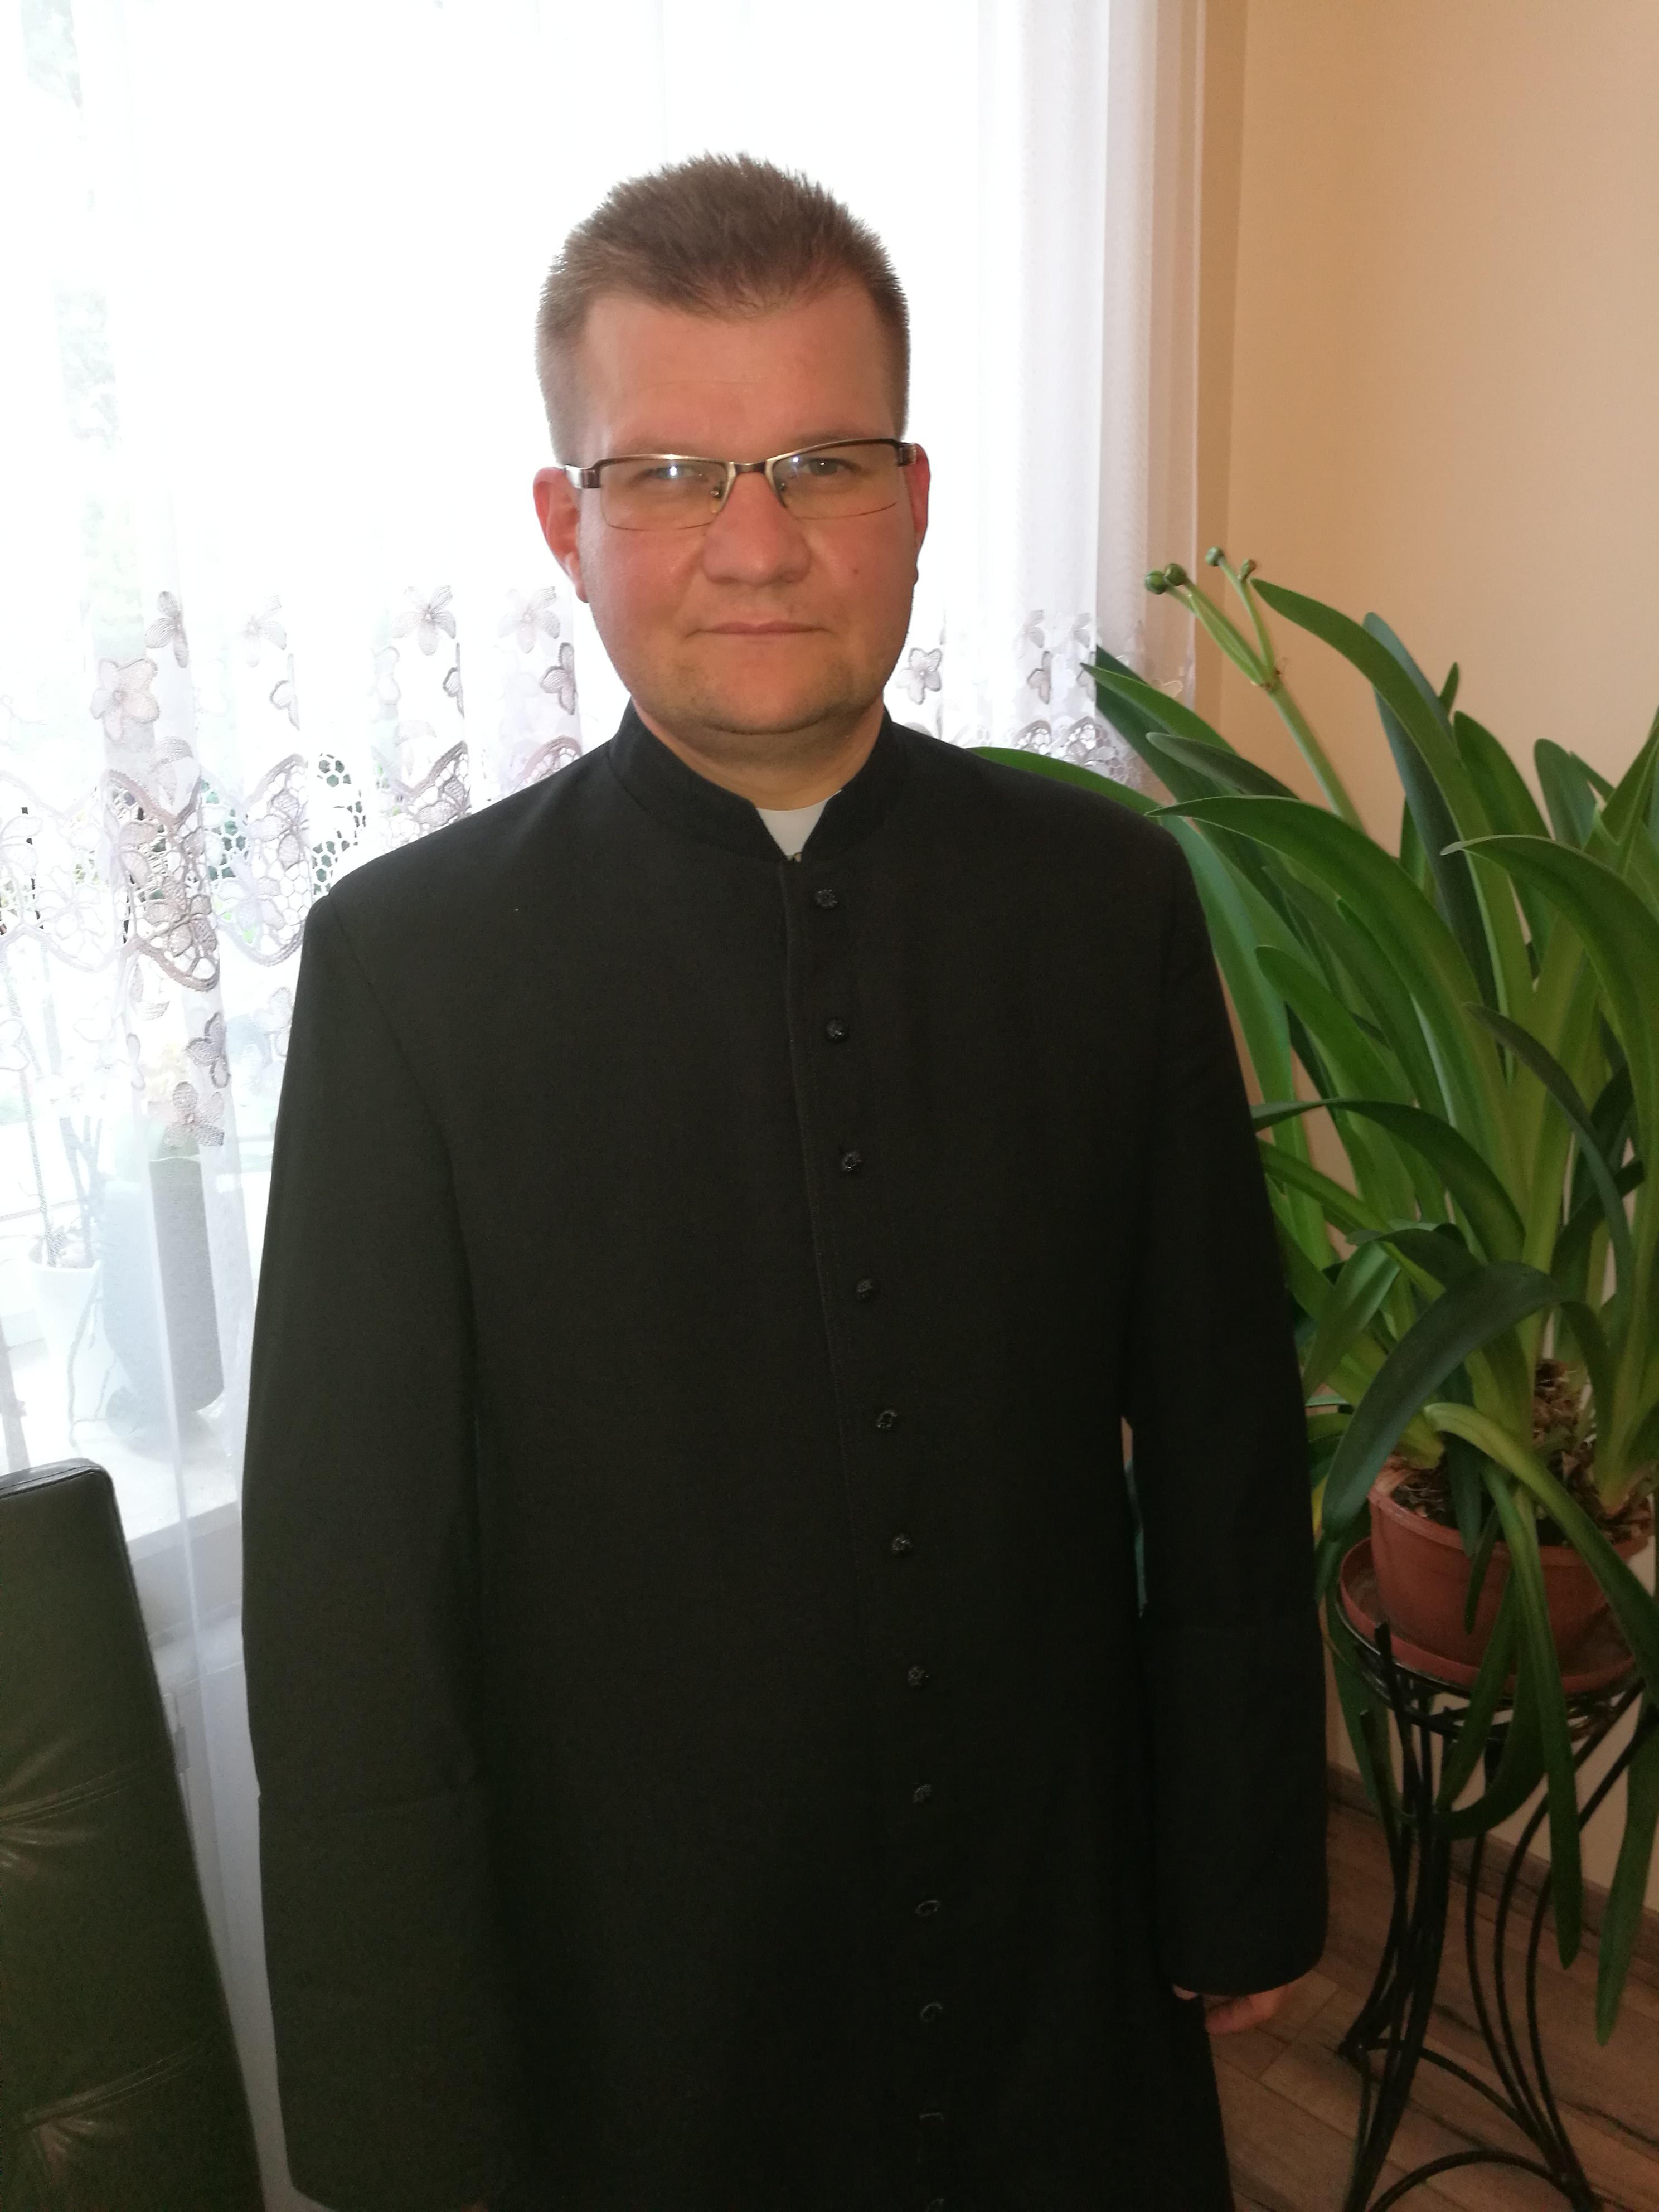 Ks. Piotr